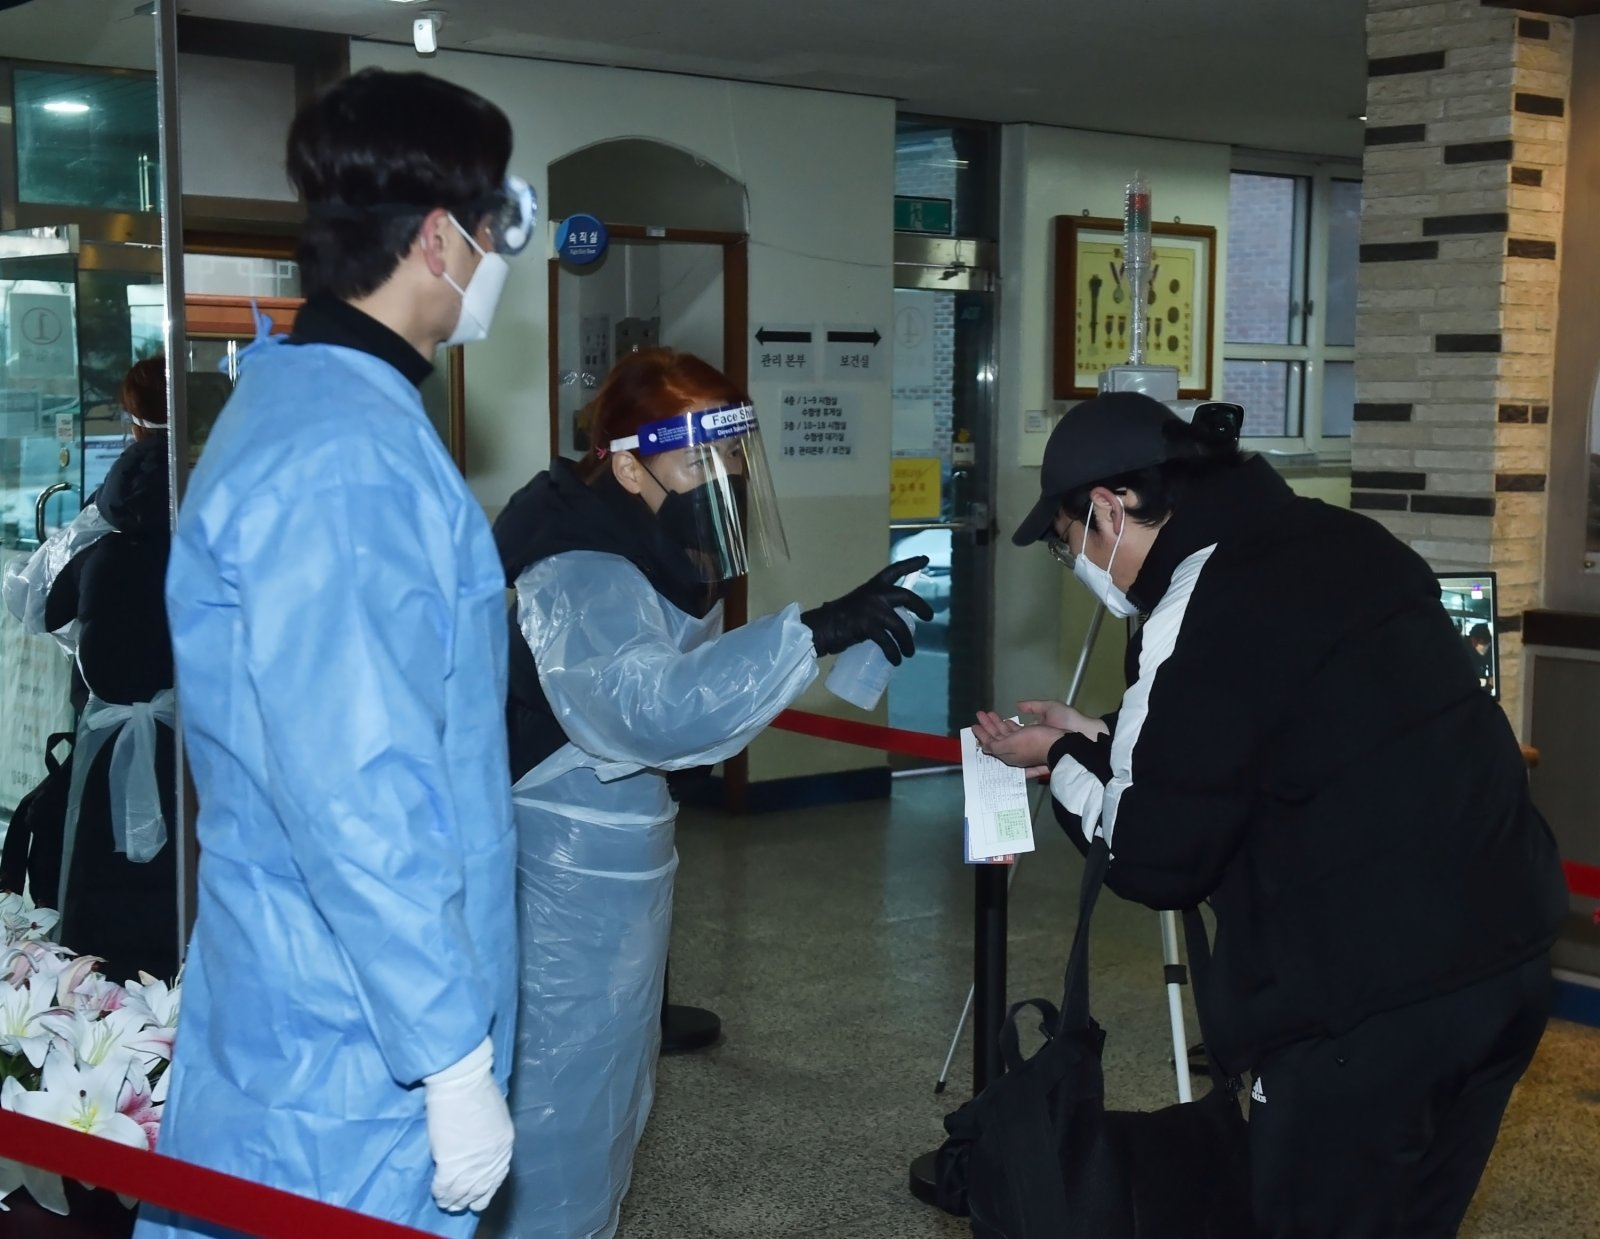 12月3日,在韓國京畿道城南市,一名考生在進入考場前進行手部消毒。(新華社)